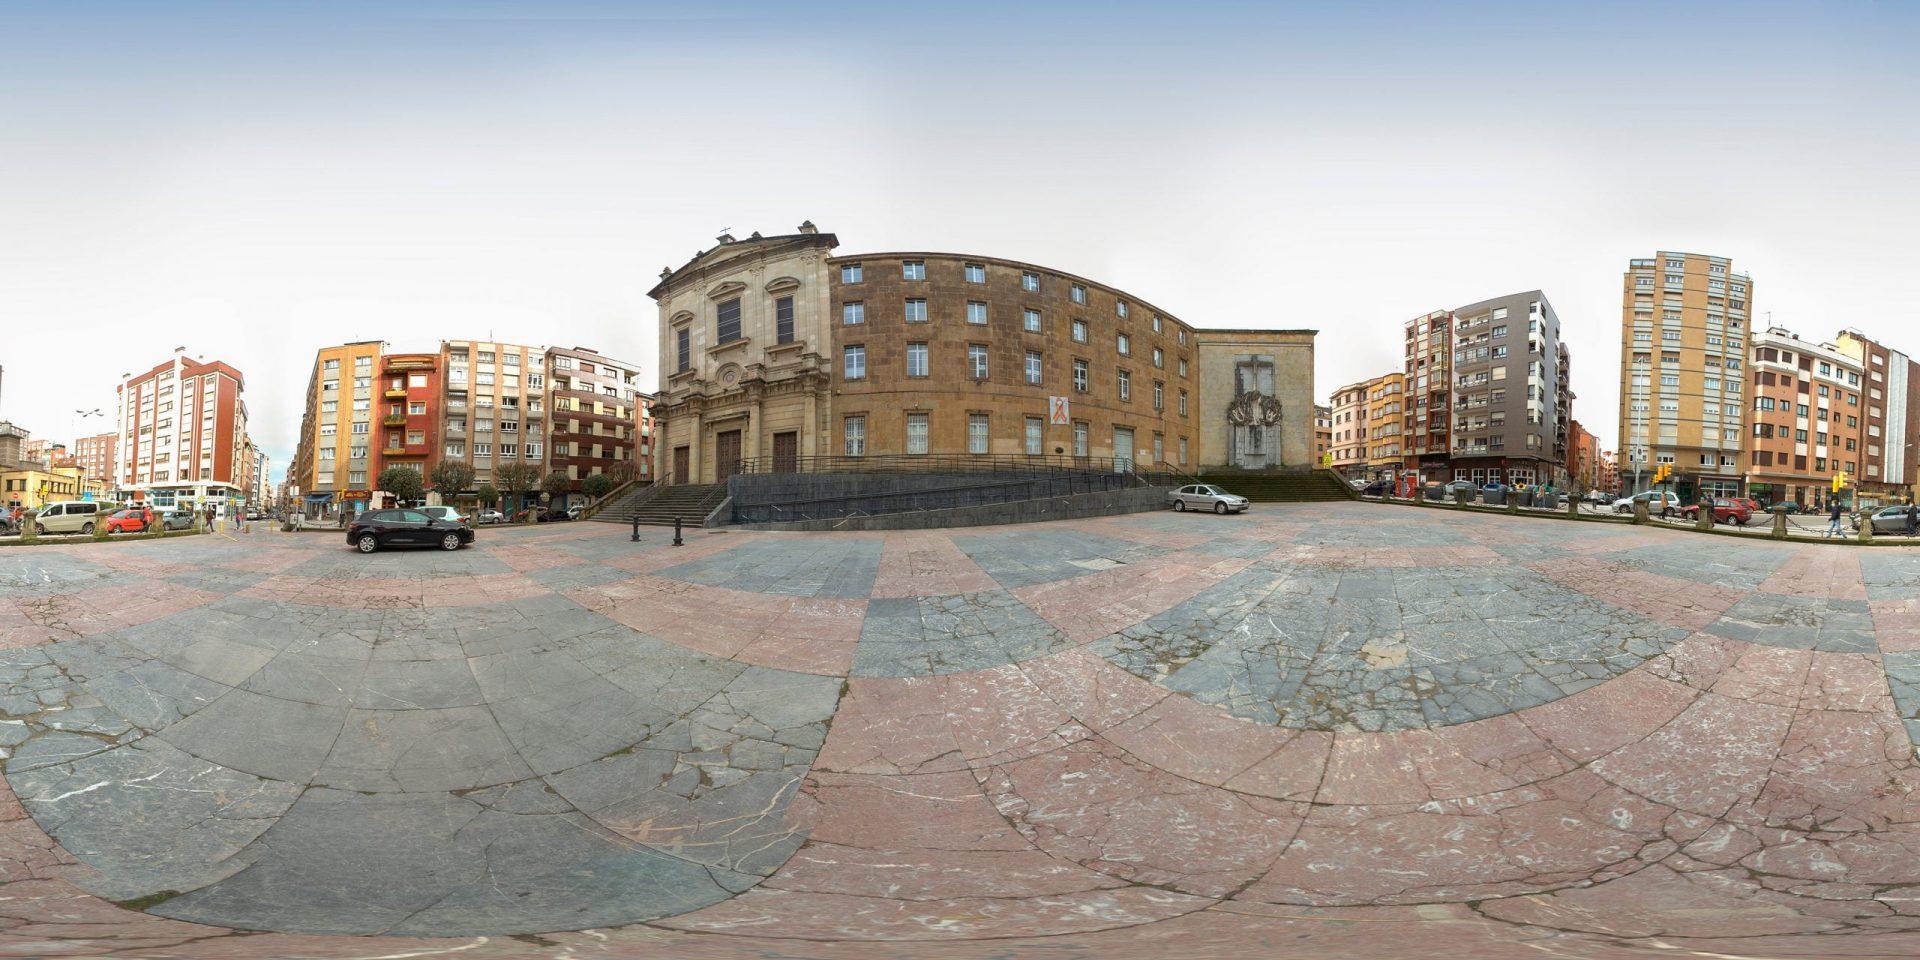 Colegio de la Inmaculada, Visita Virtual